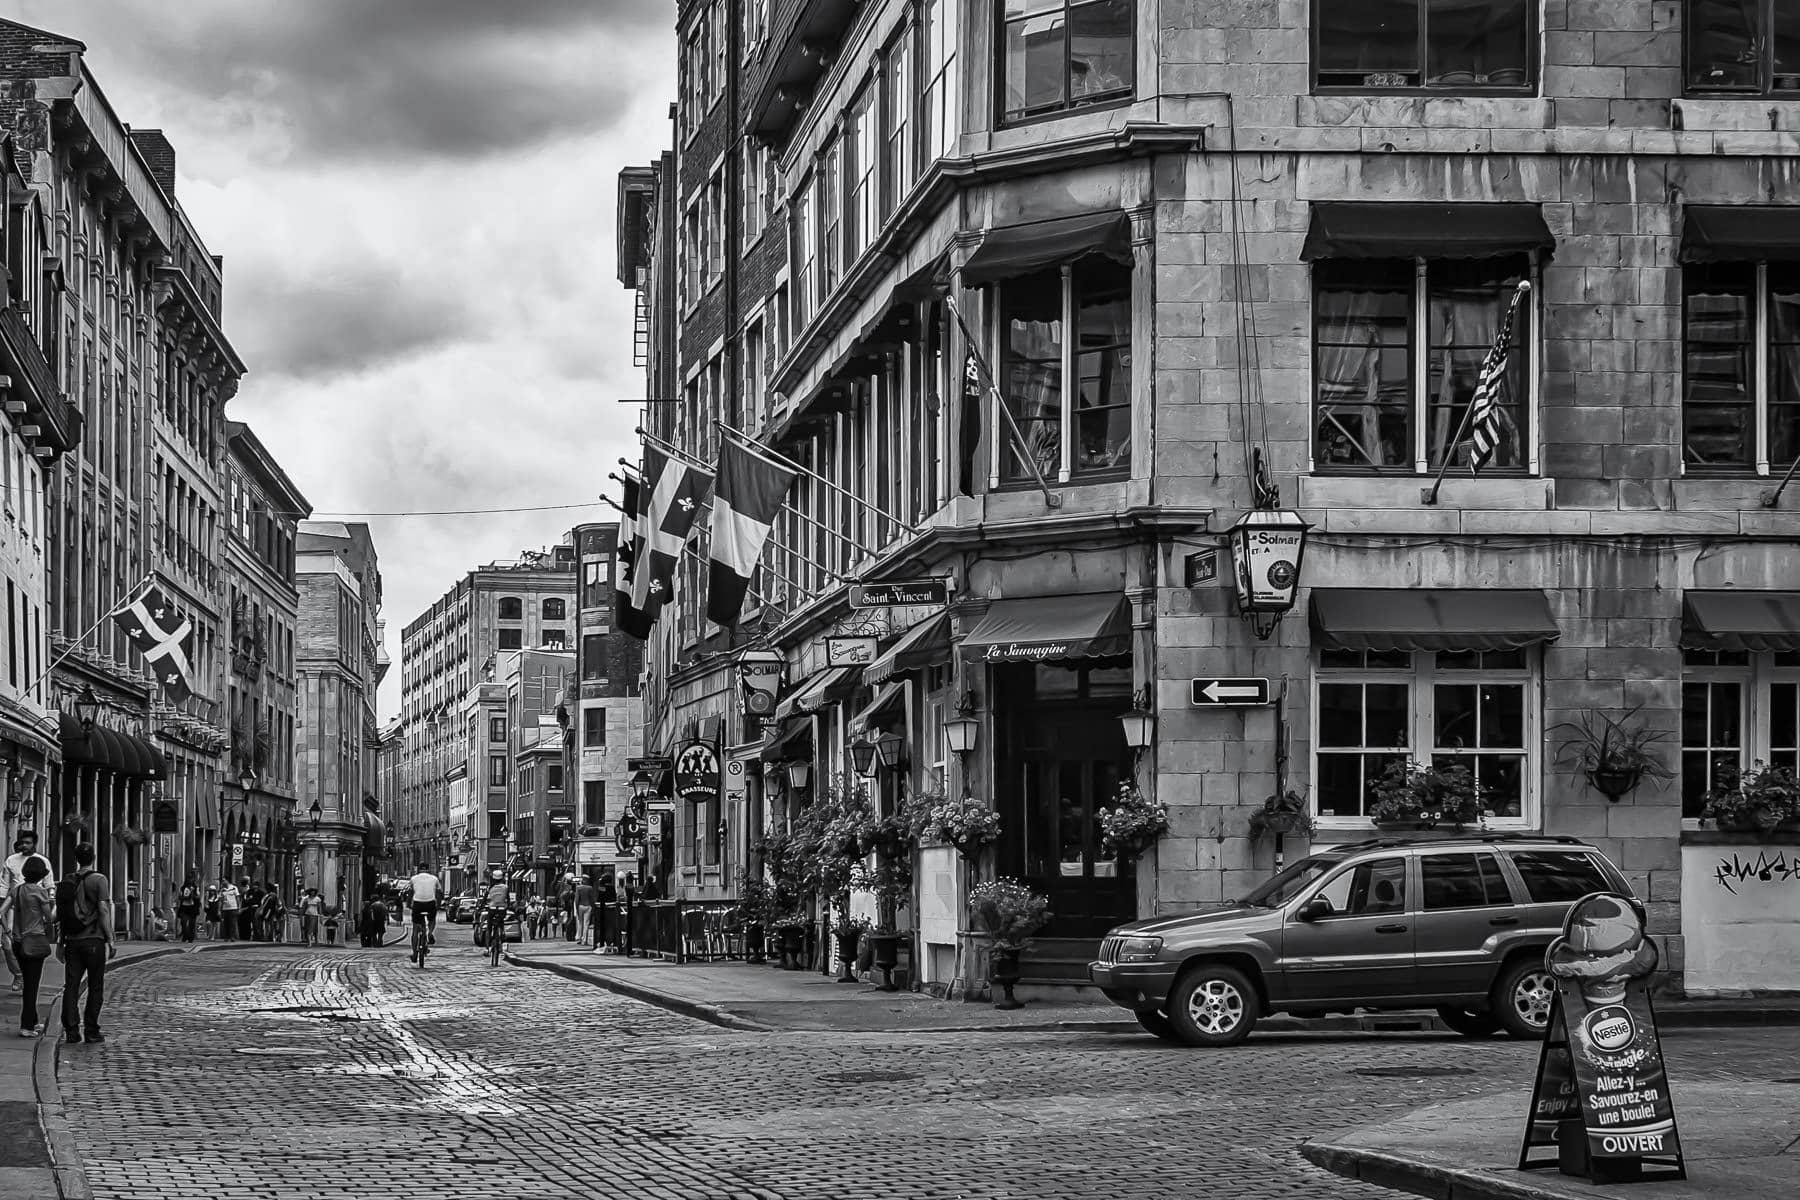 The European-esque streets of Old Montréal (Vieux-Montréal).